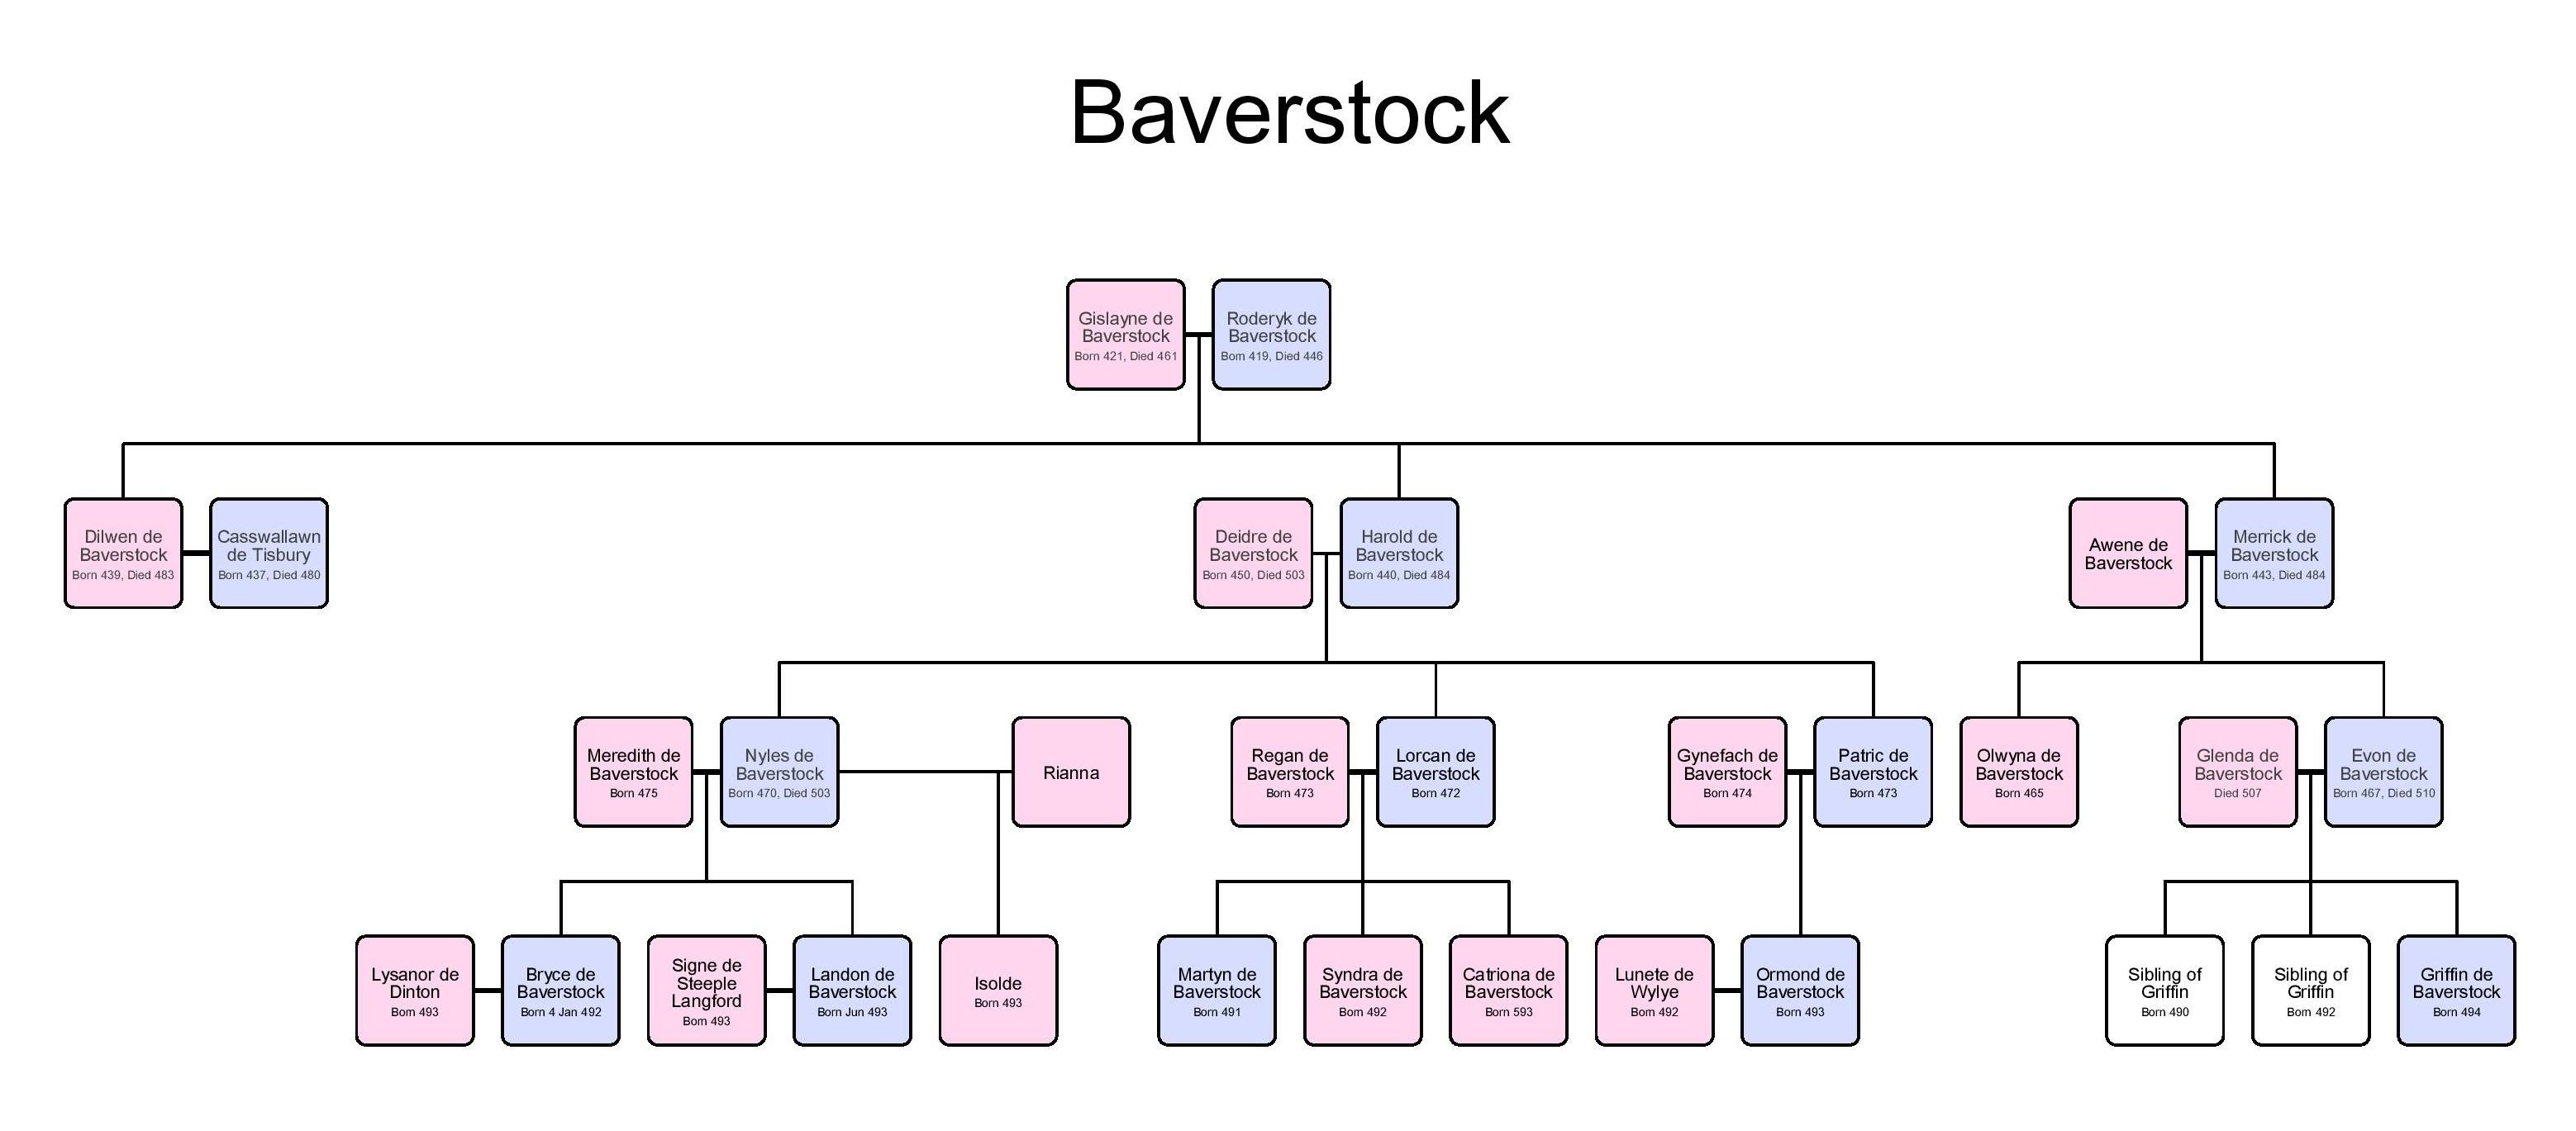 Baverstock_familytree(1).jpg